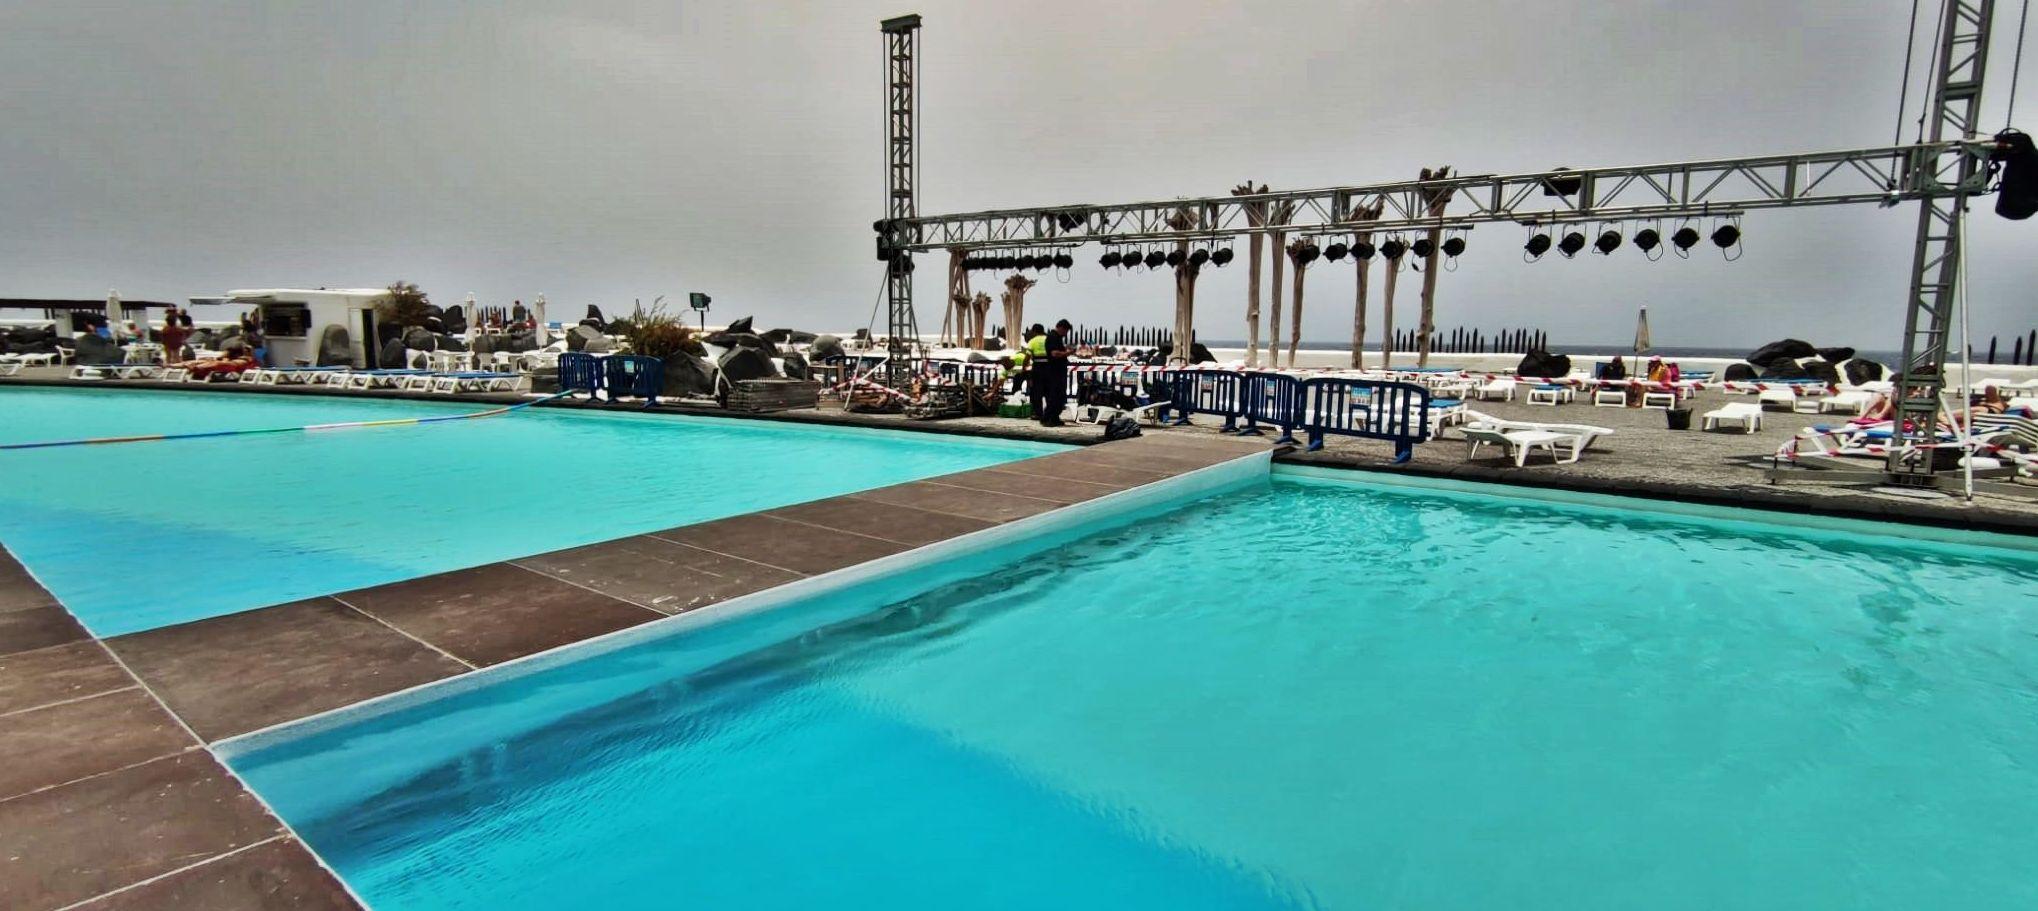 Montaje escenario para Miss Norte 2021. Lago Martiánez. Puerto de la Cruz.